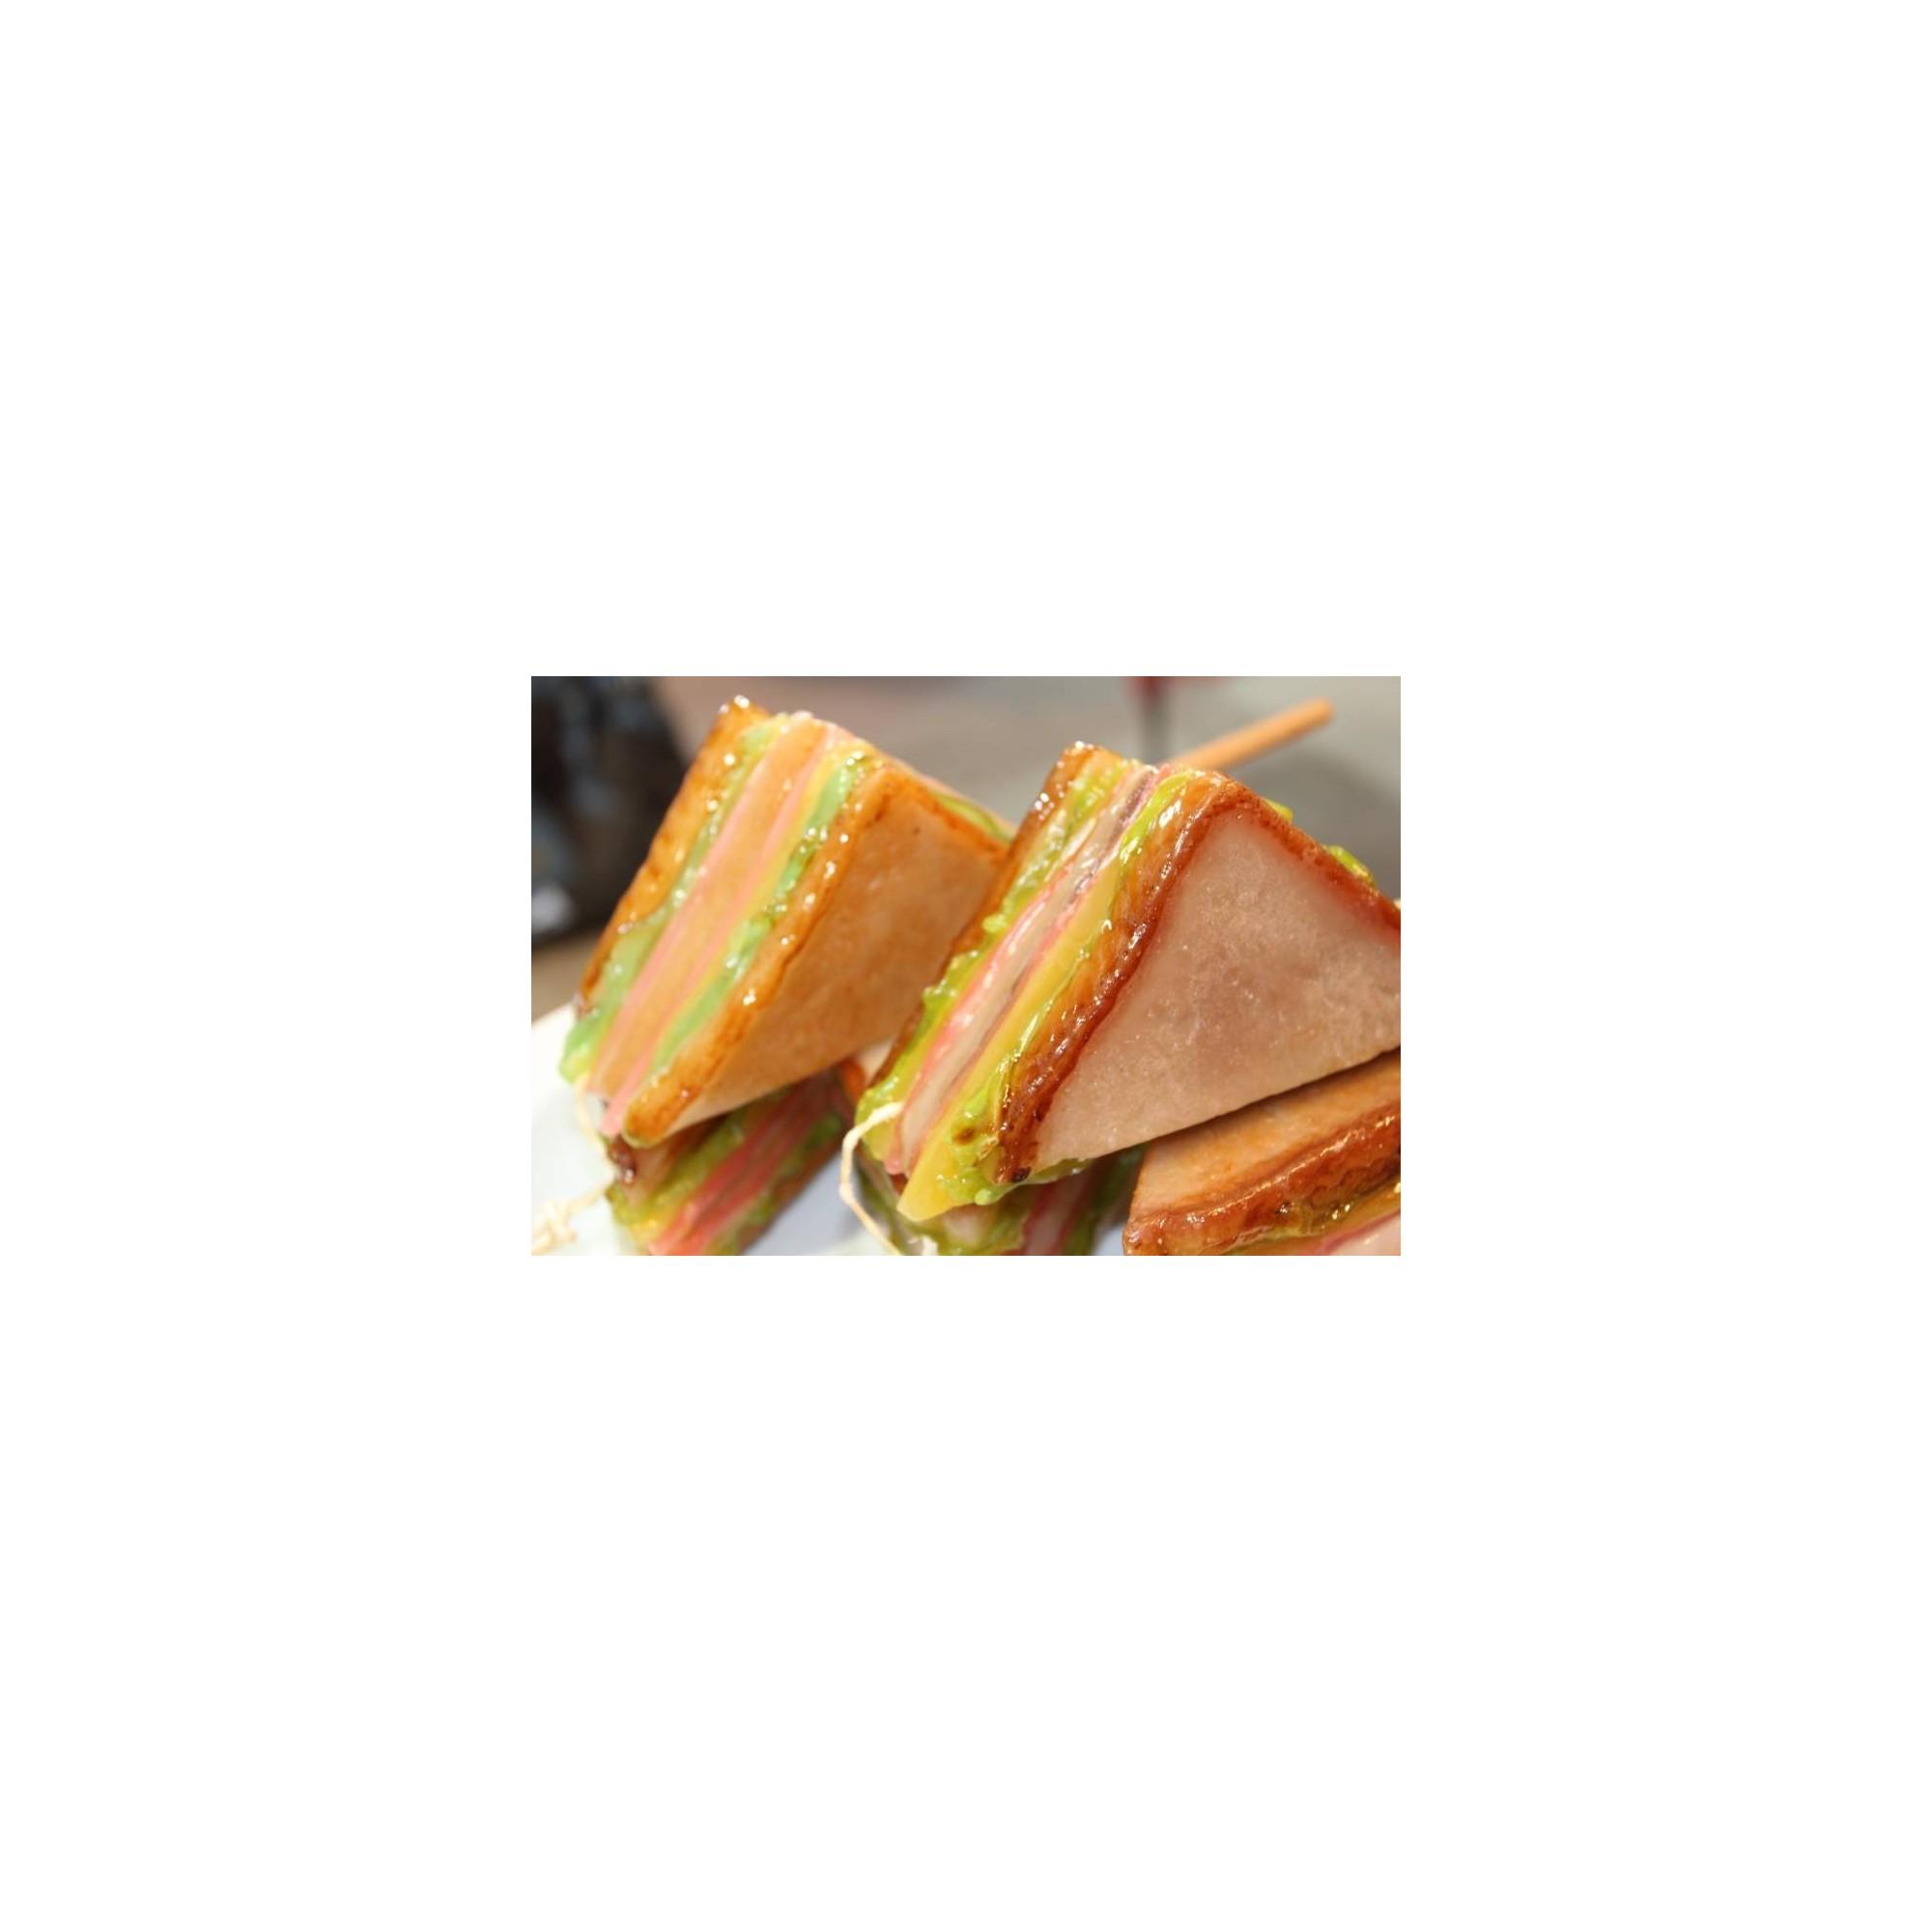 Λαμπάδα κλαμπ σάντουιτς - G0703